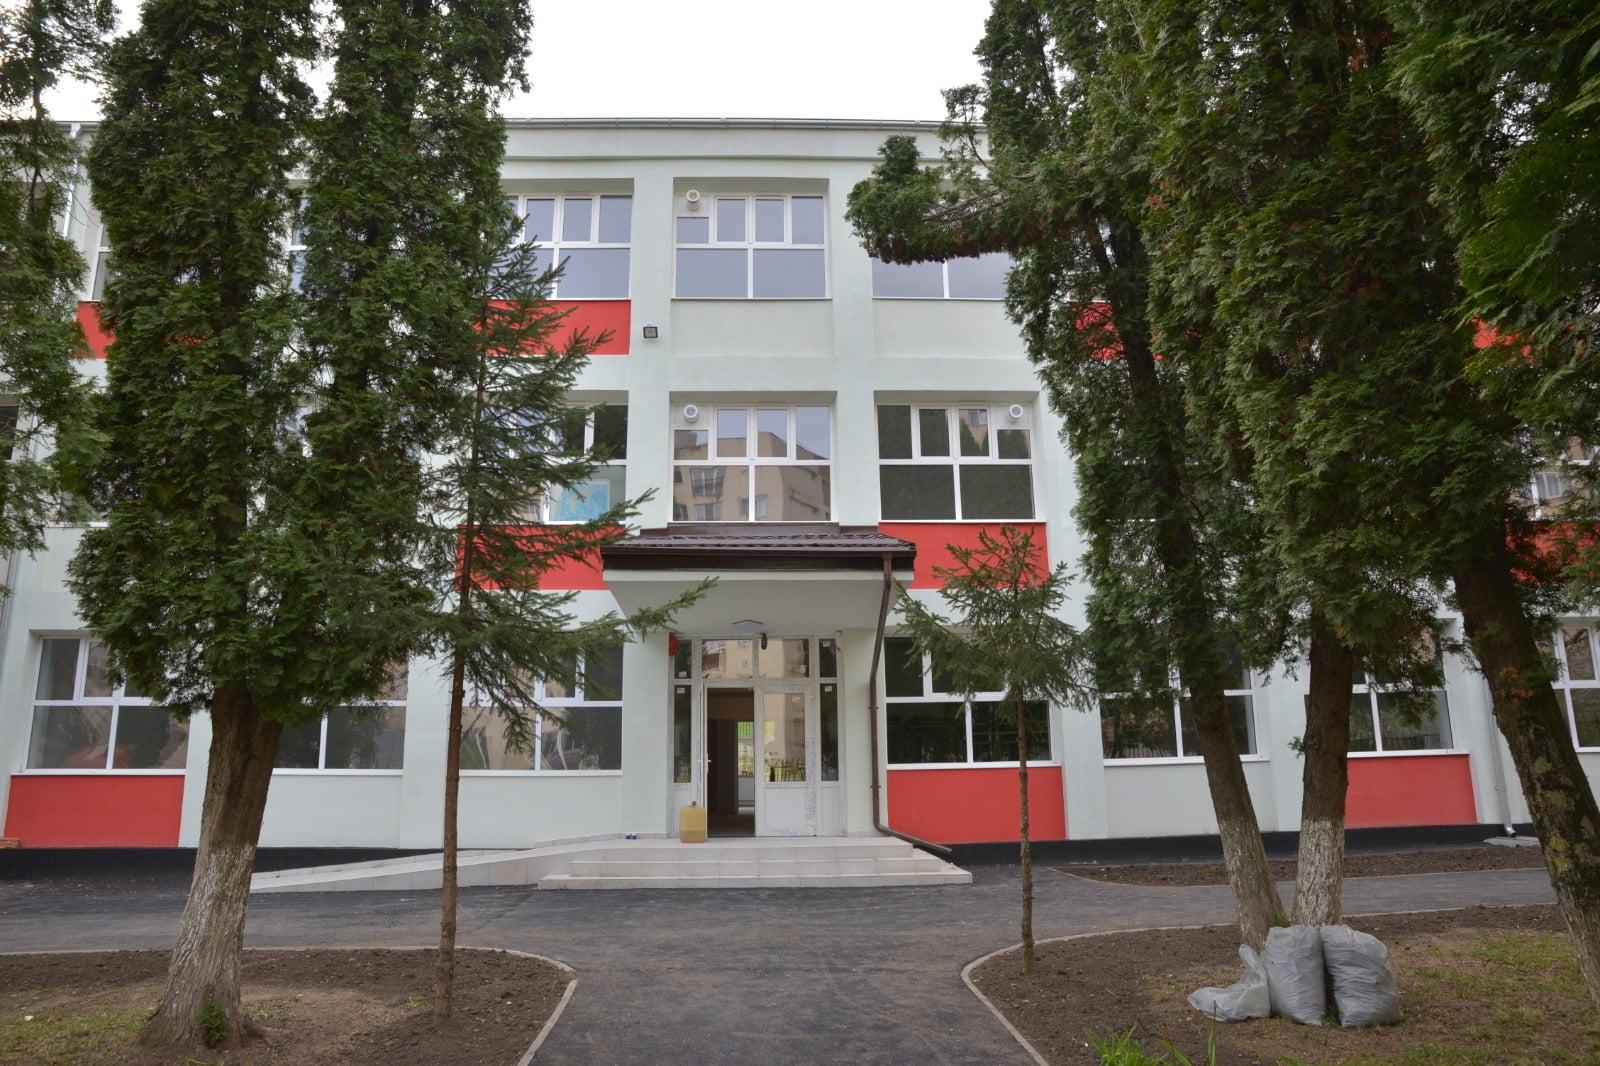 Zeci de brașoveni vor să fie reprezentanții primarului în conducerea școlilor. Termenul limită pentru înscrierea în CA-urile școlilor este 21 iunie